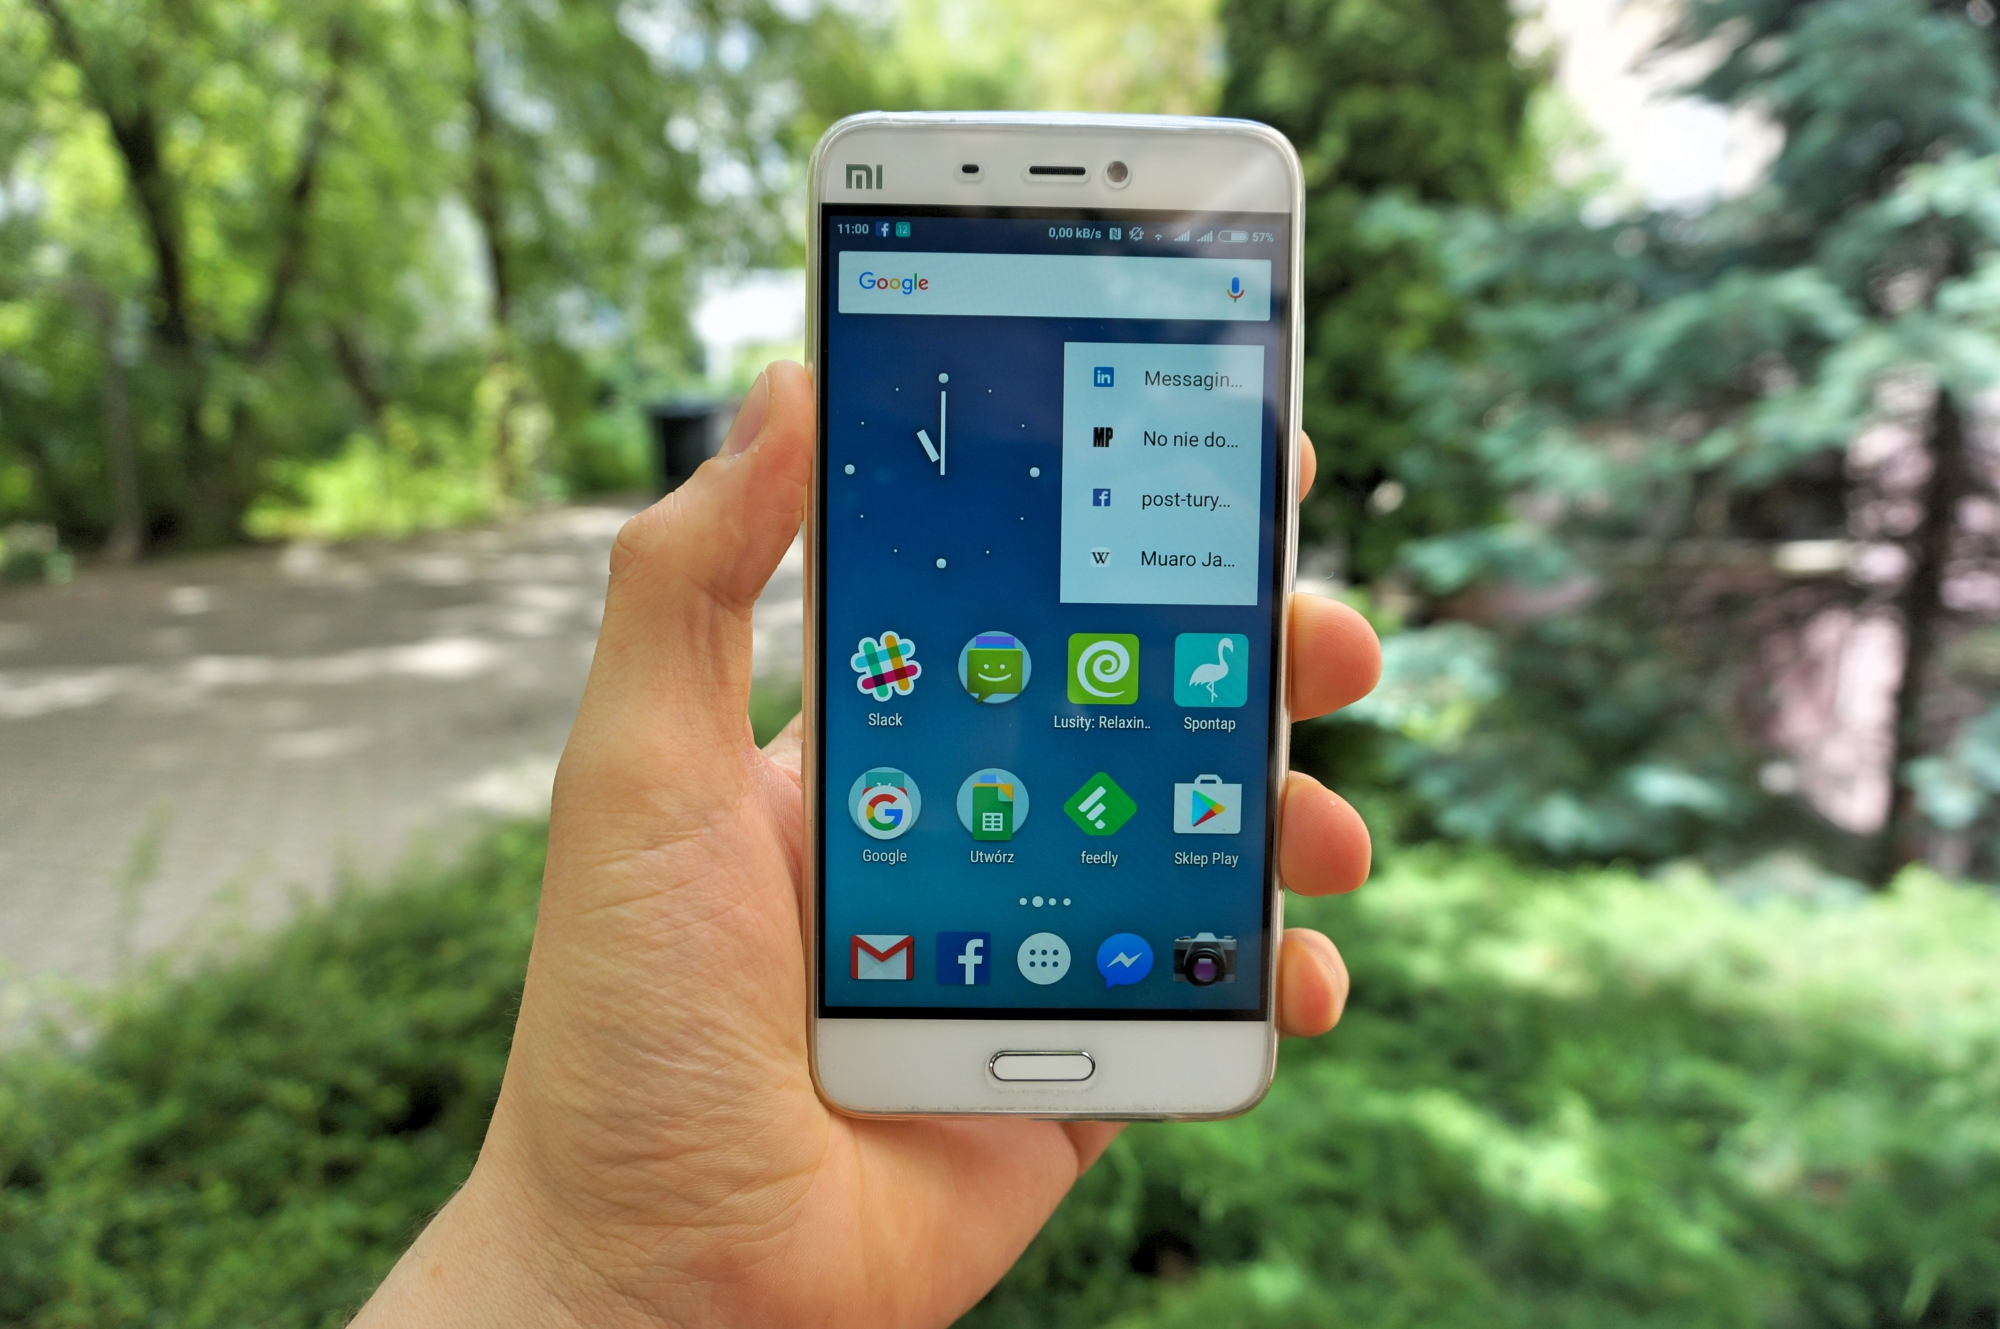 Xiaomi Mi5 – mam go od trzech miesięcy i nie zamieniłbym na żaden inny telefon